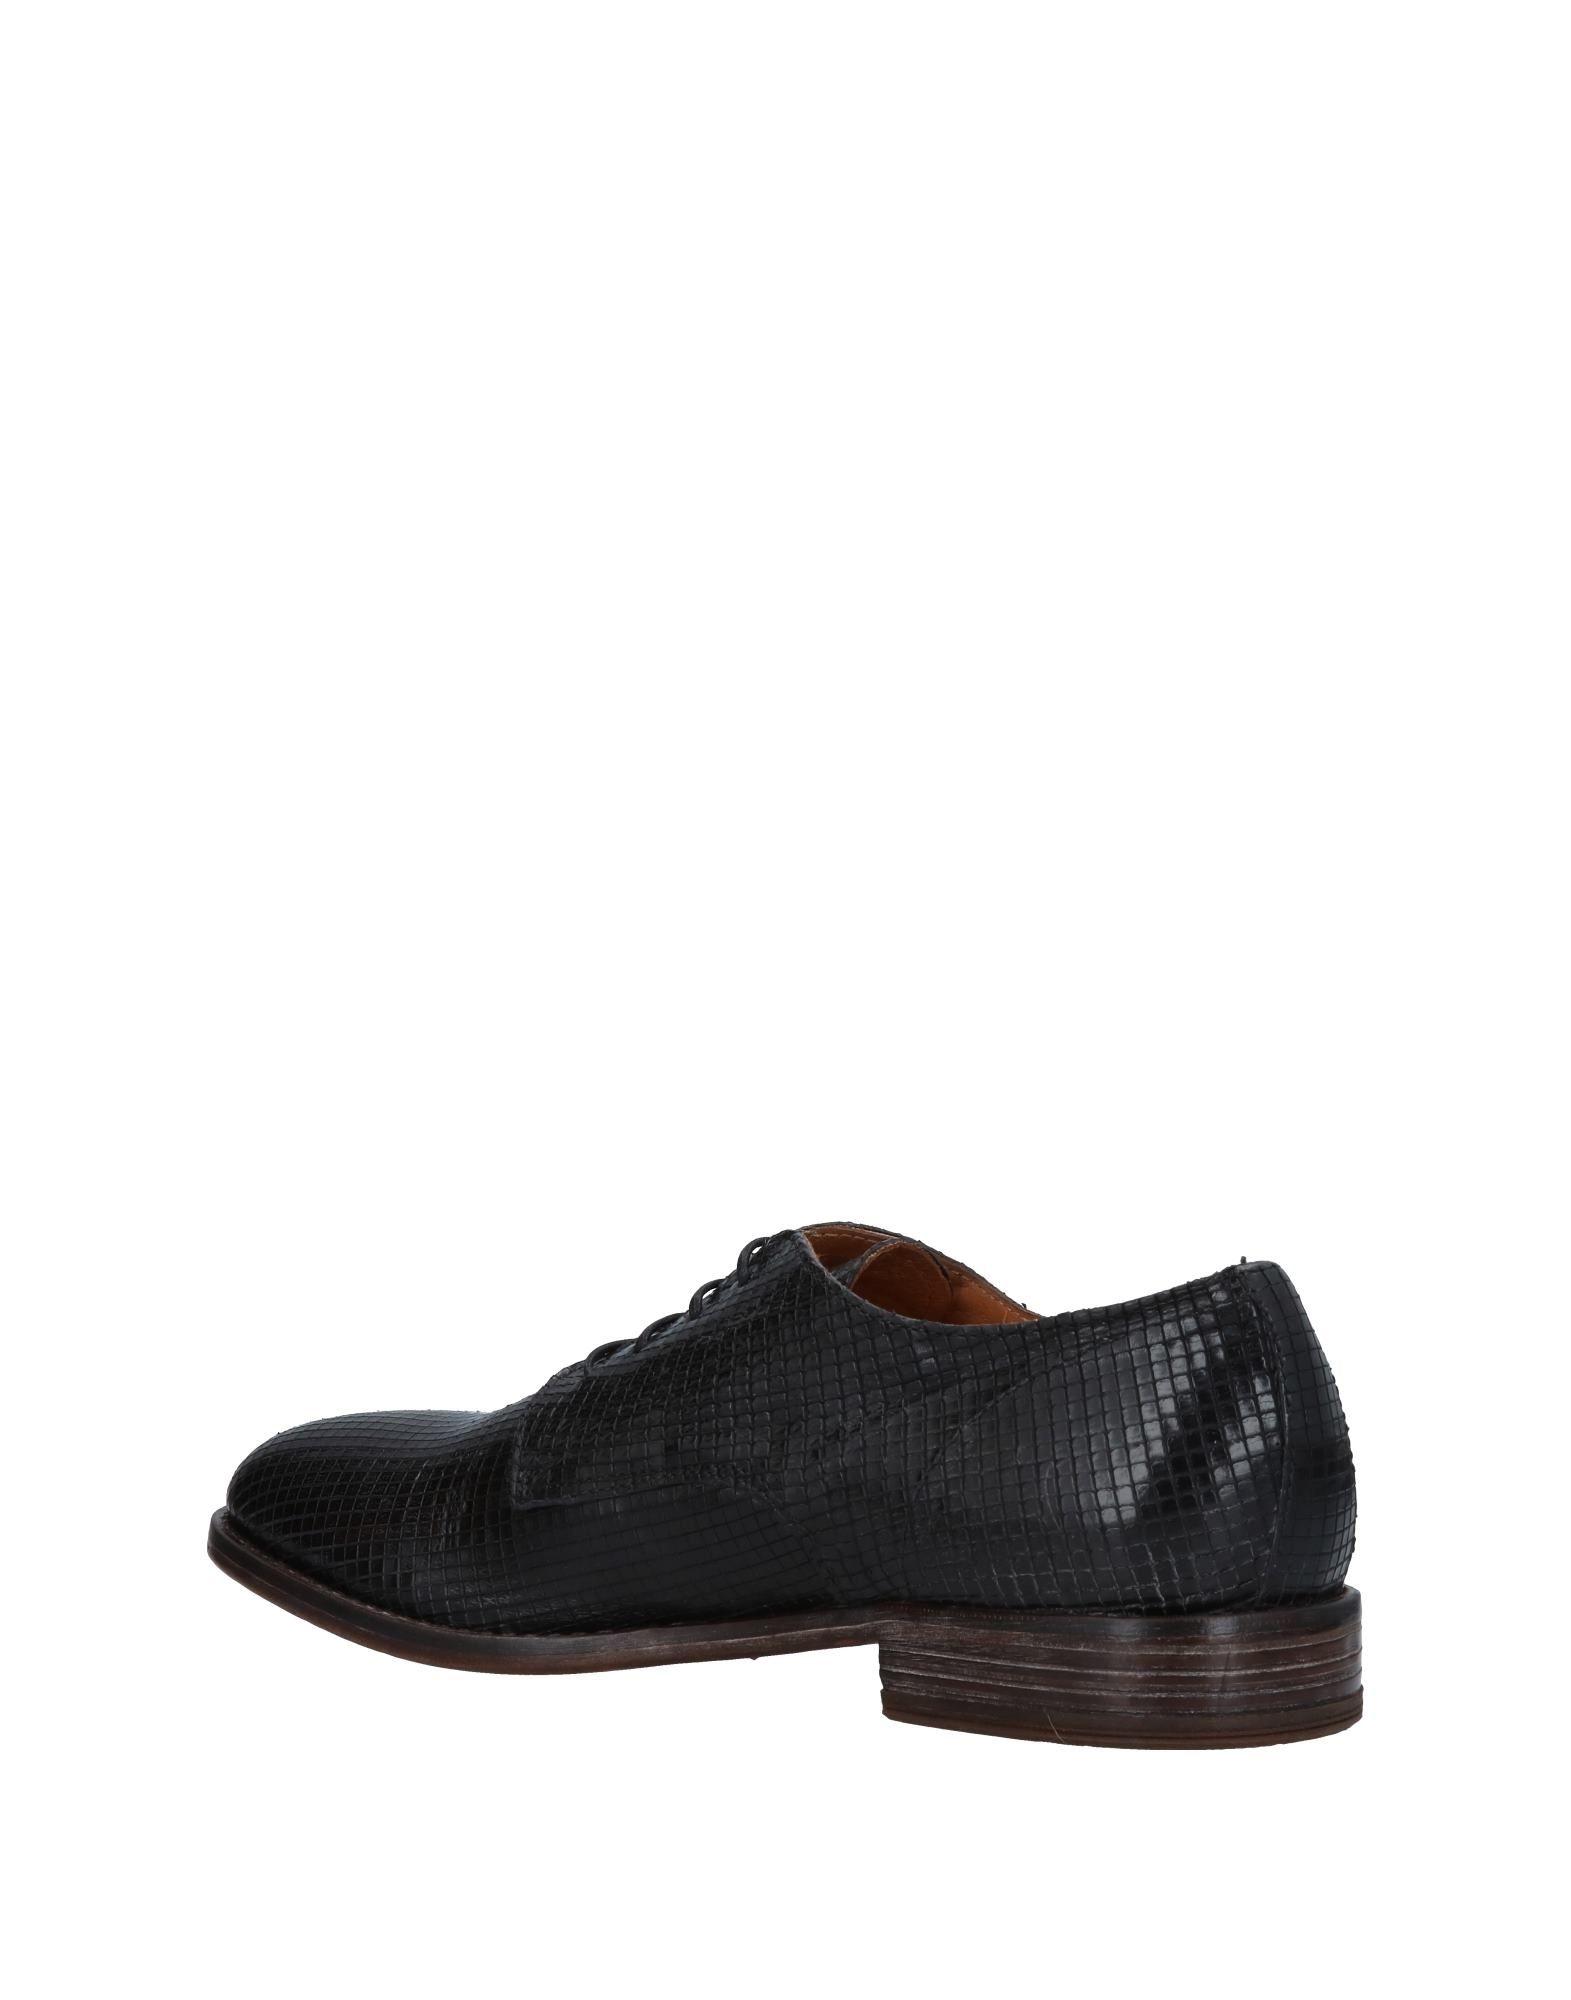 Moma Schnürschuhe Herren  11411970HT Gute Qualität beliebte Schuhe